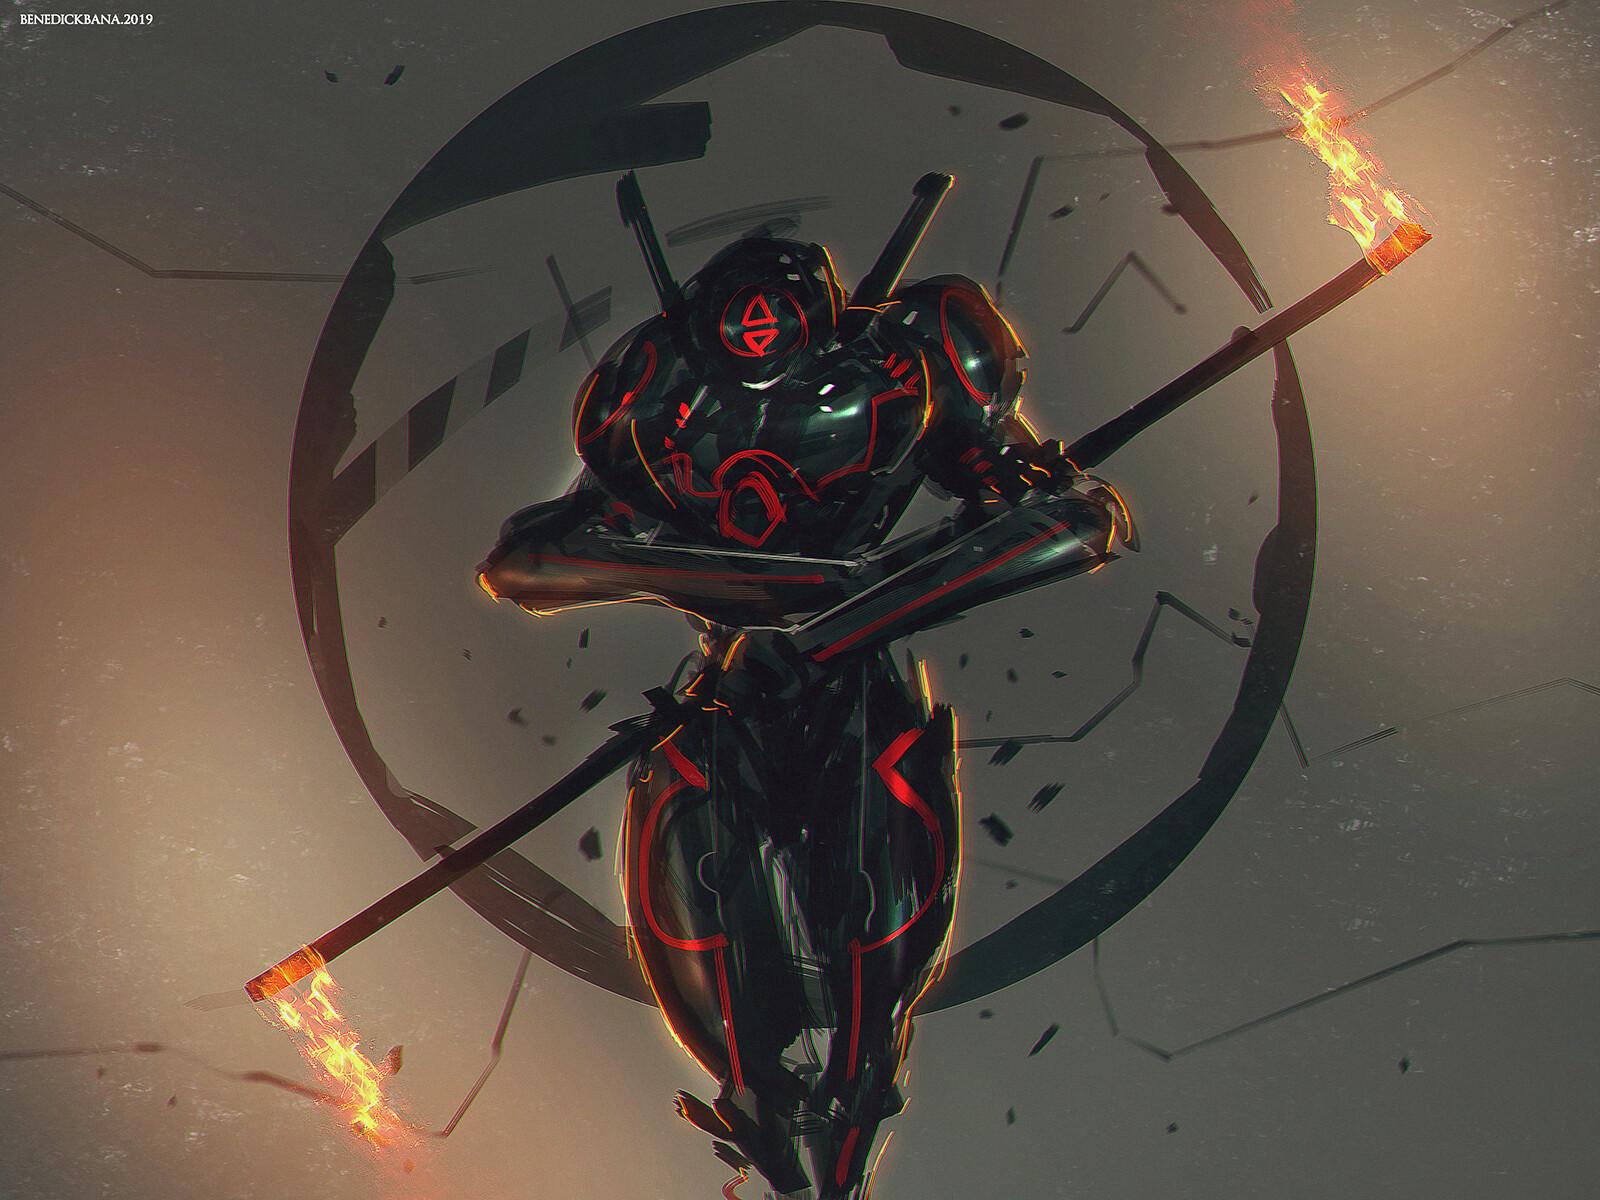 Darkfall - Burnt concept art. character design. Fire Manipulator